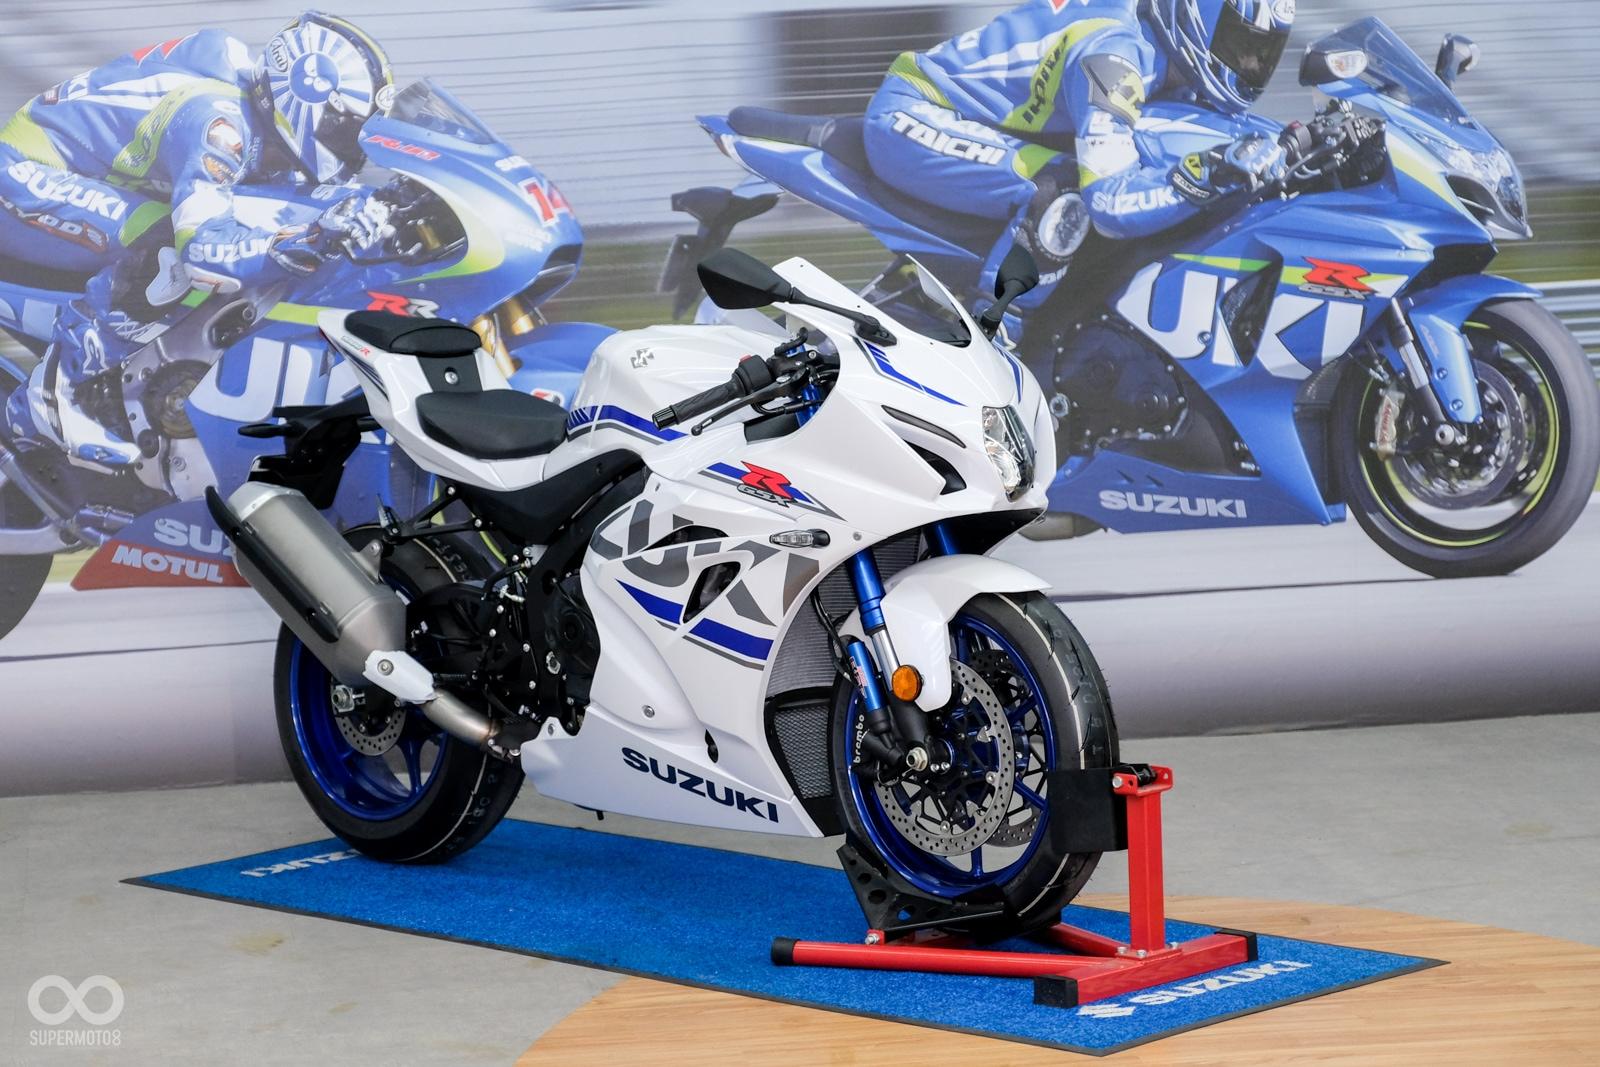 只有15臺!SUZUKI GSX-R1000R,年式・モデル別のヒストリーから見ることができます。新車・中古バイク情報のことなら【バイク,156,iBike 提供最新電單車資訊,GSX-S1000新色發表 | SUPERMOTO8